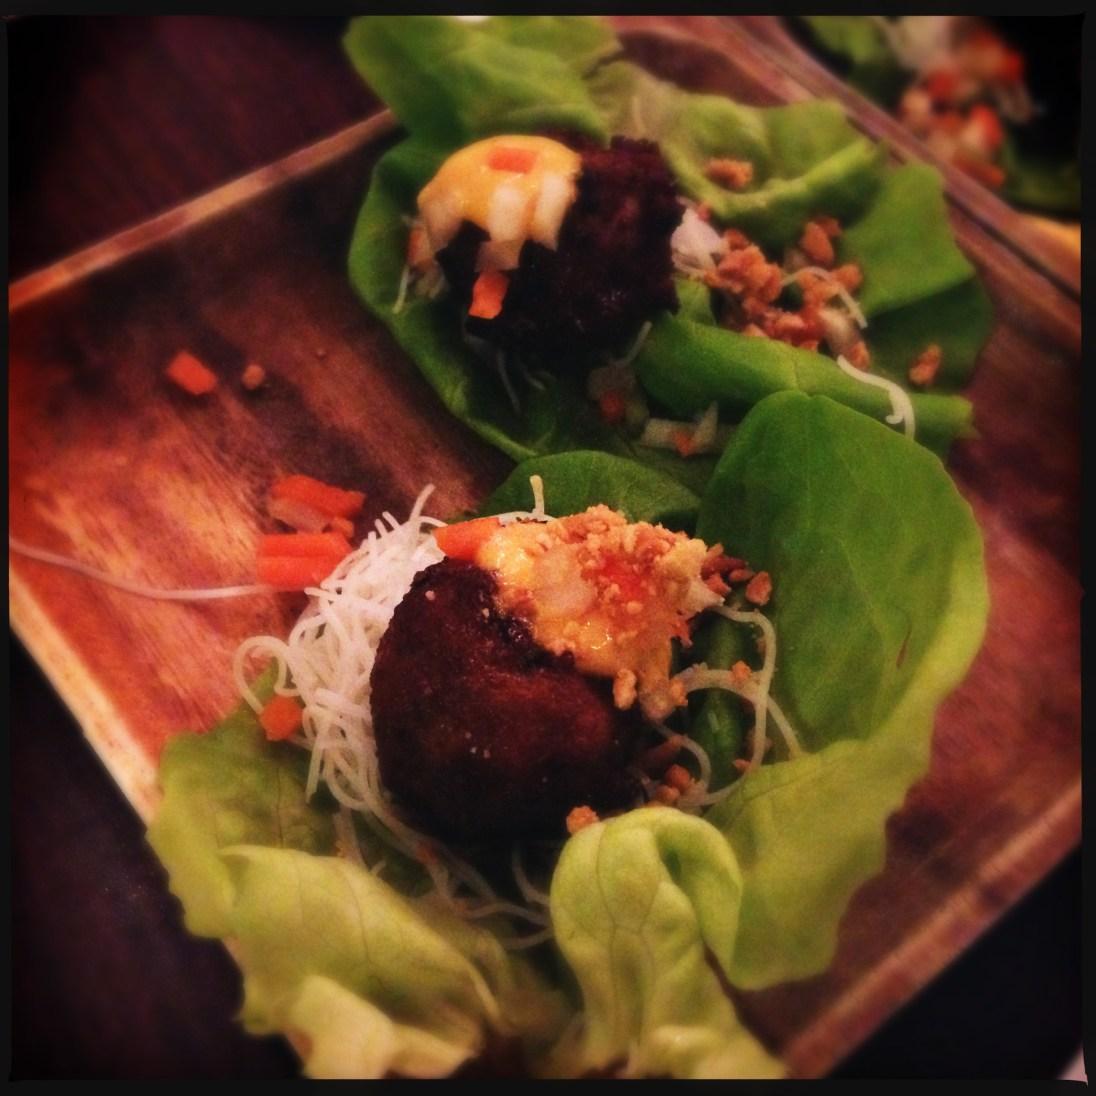 Nem Nuong - Lemongrass pork balls in lettuce wraps